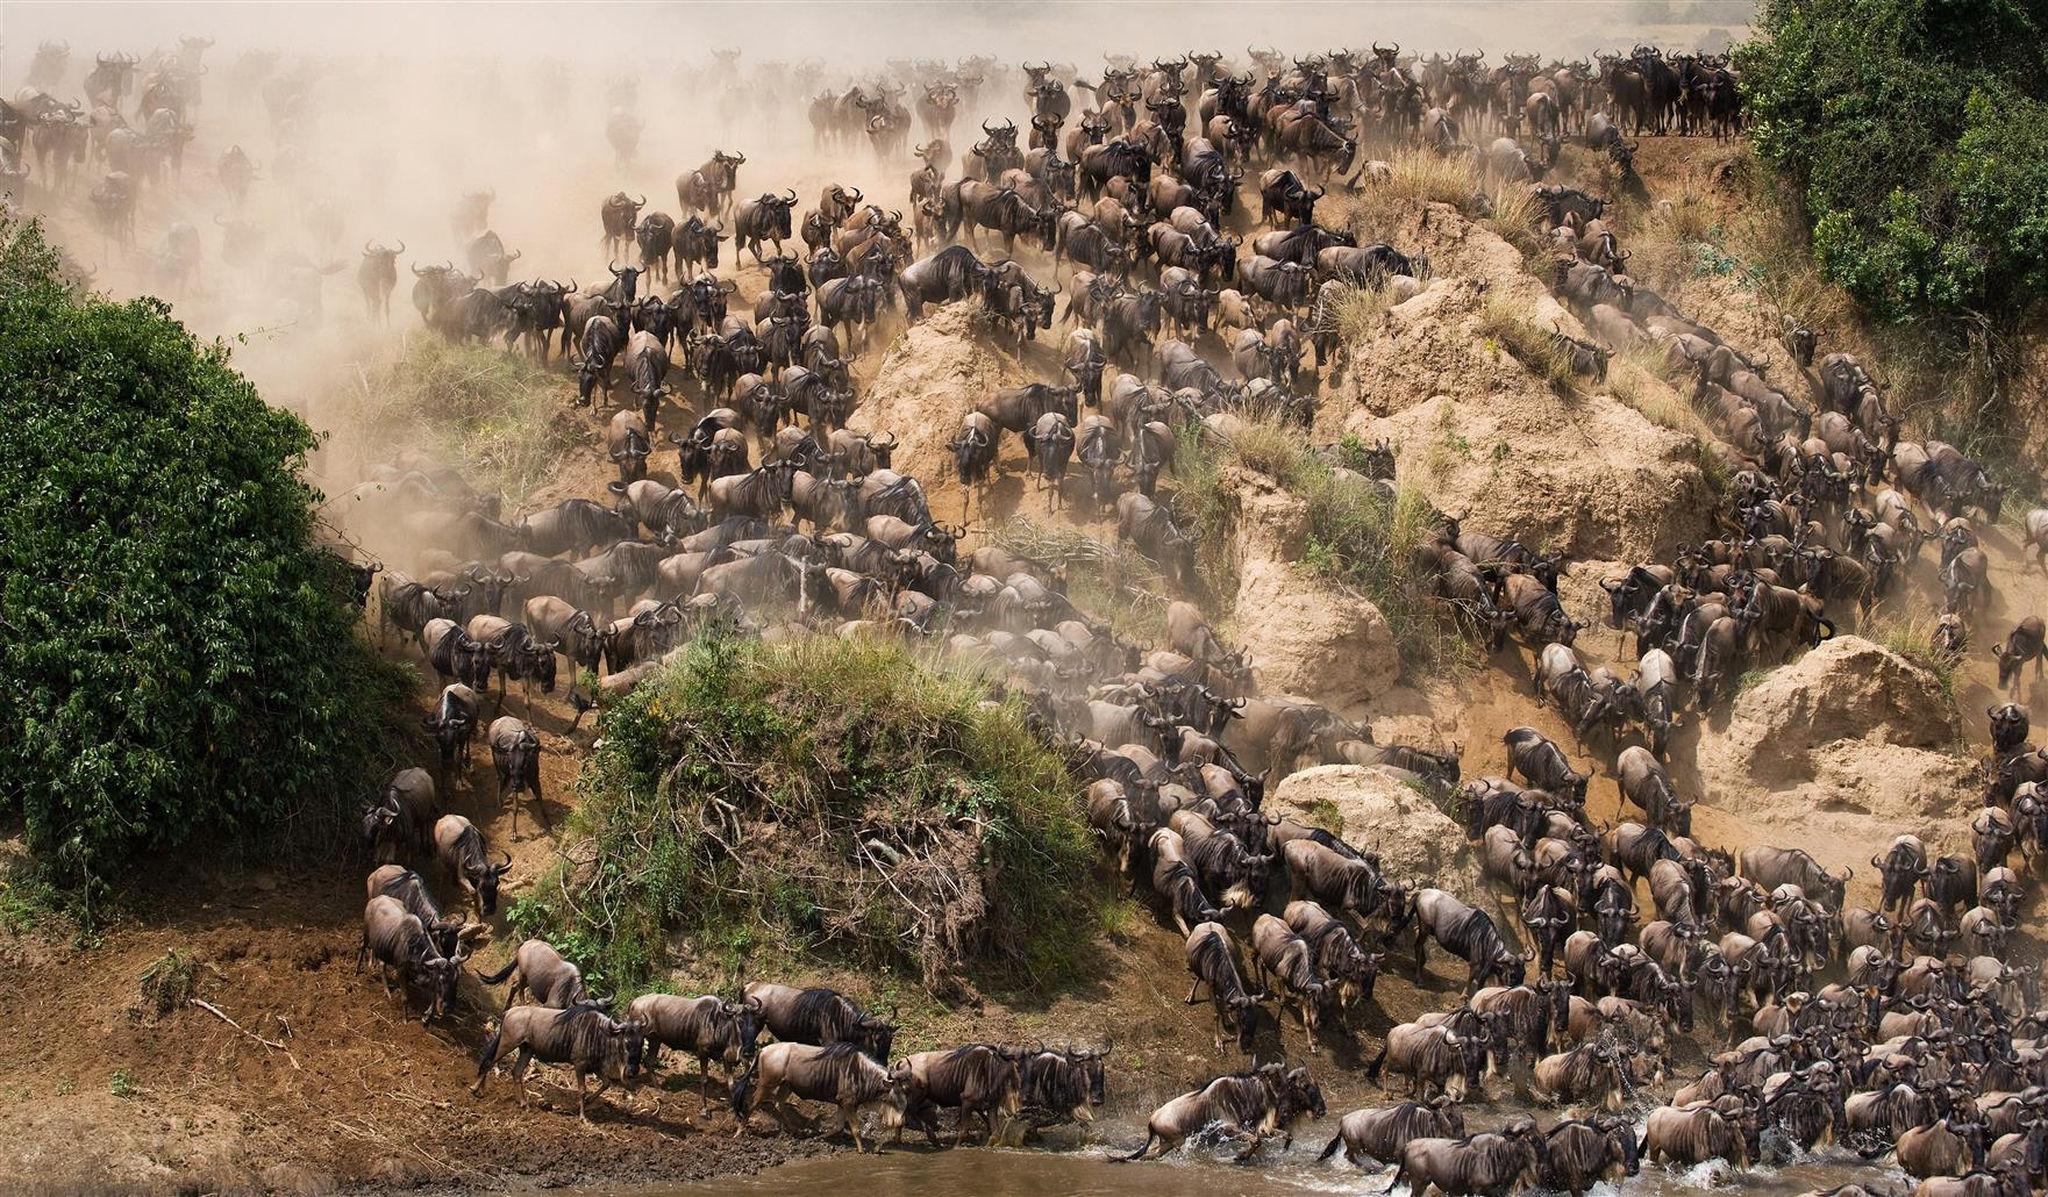 Miles de ñus cruzando un río en Tanzania durante la Gran Migración